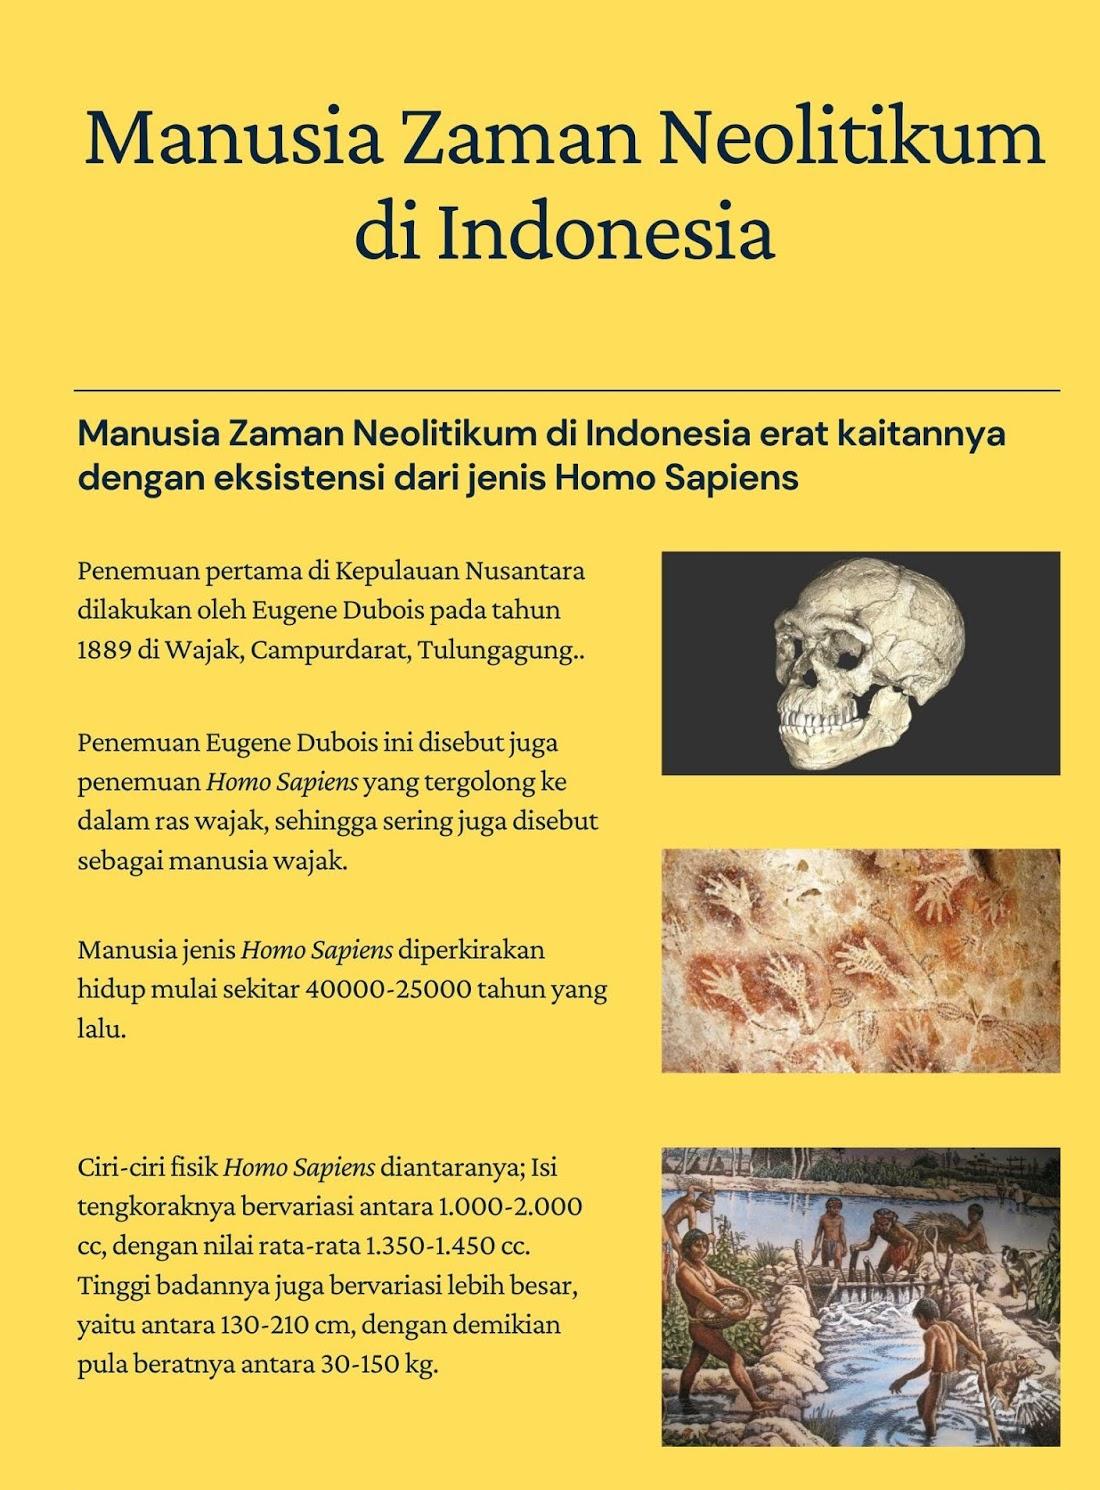 manusia zaman neolitikum, manusia pendukung zaman neolitikum, manusia neolitkum, pendukung zaman neolitikum